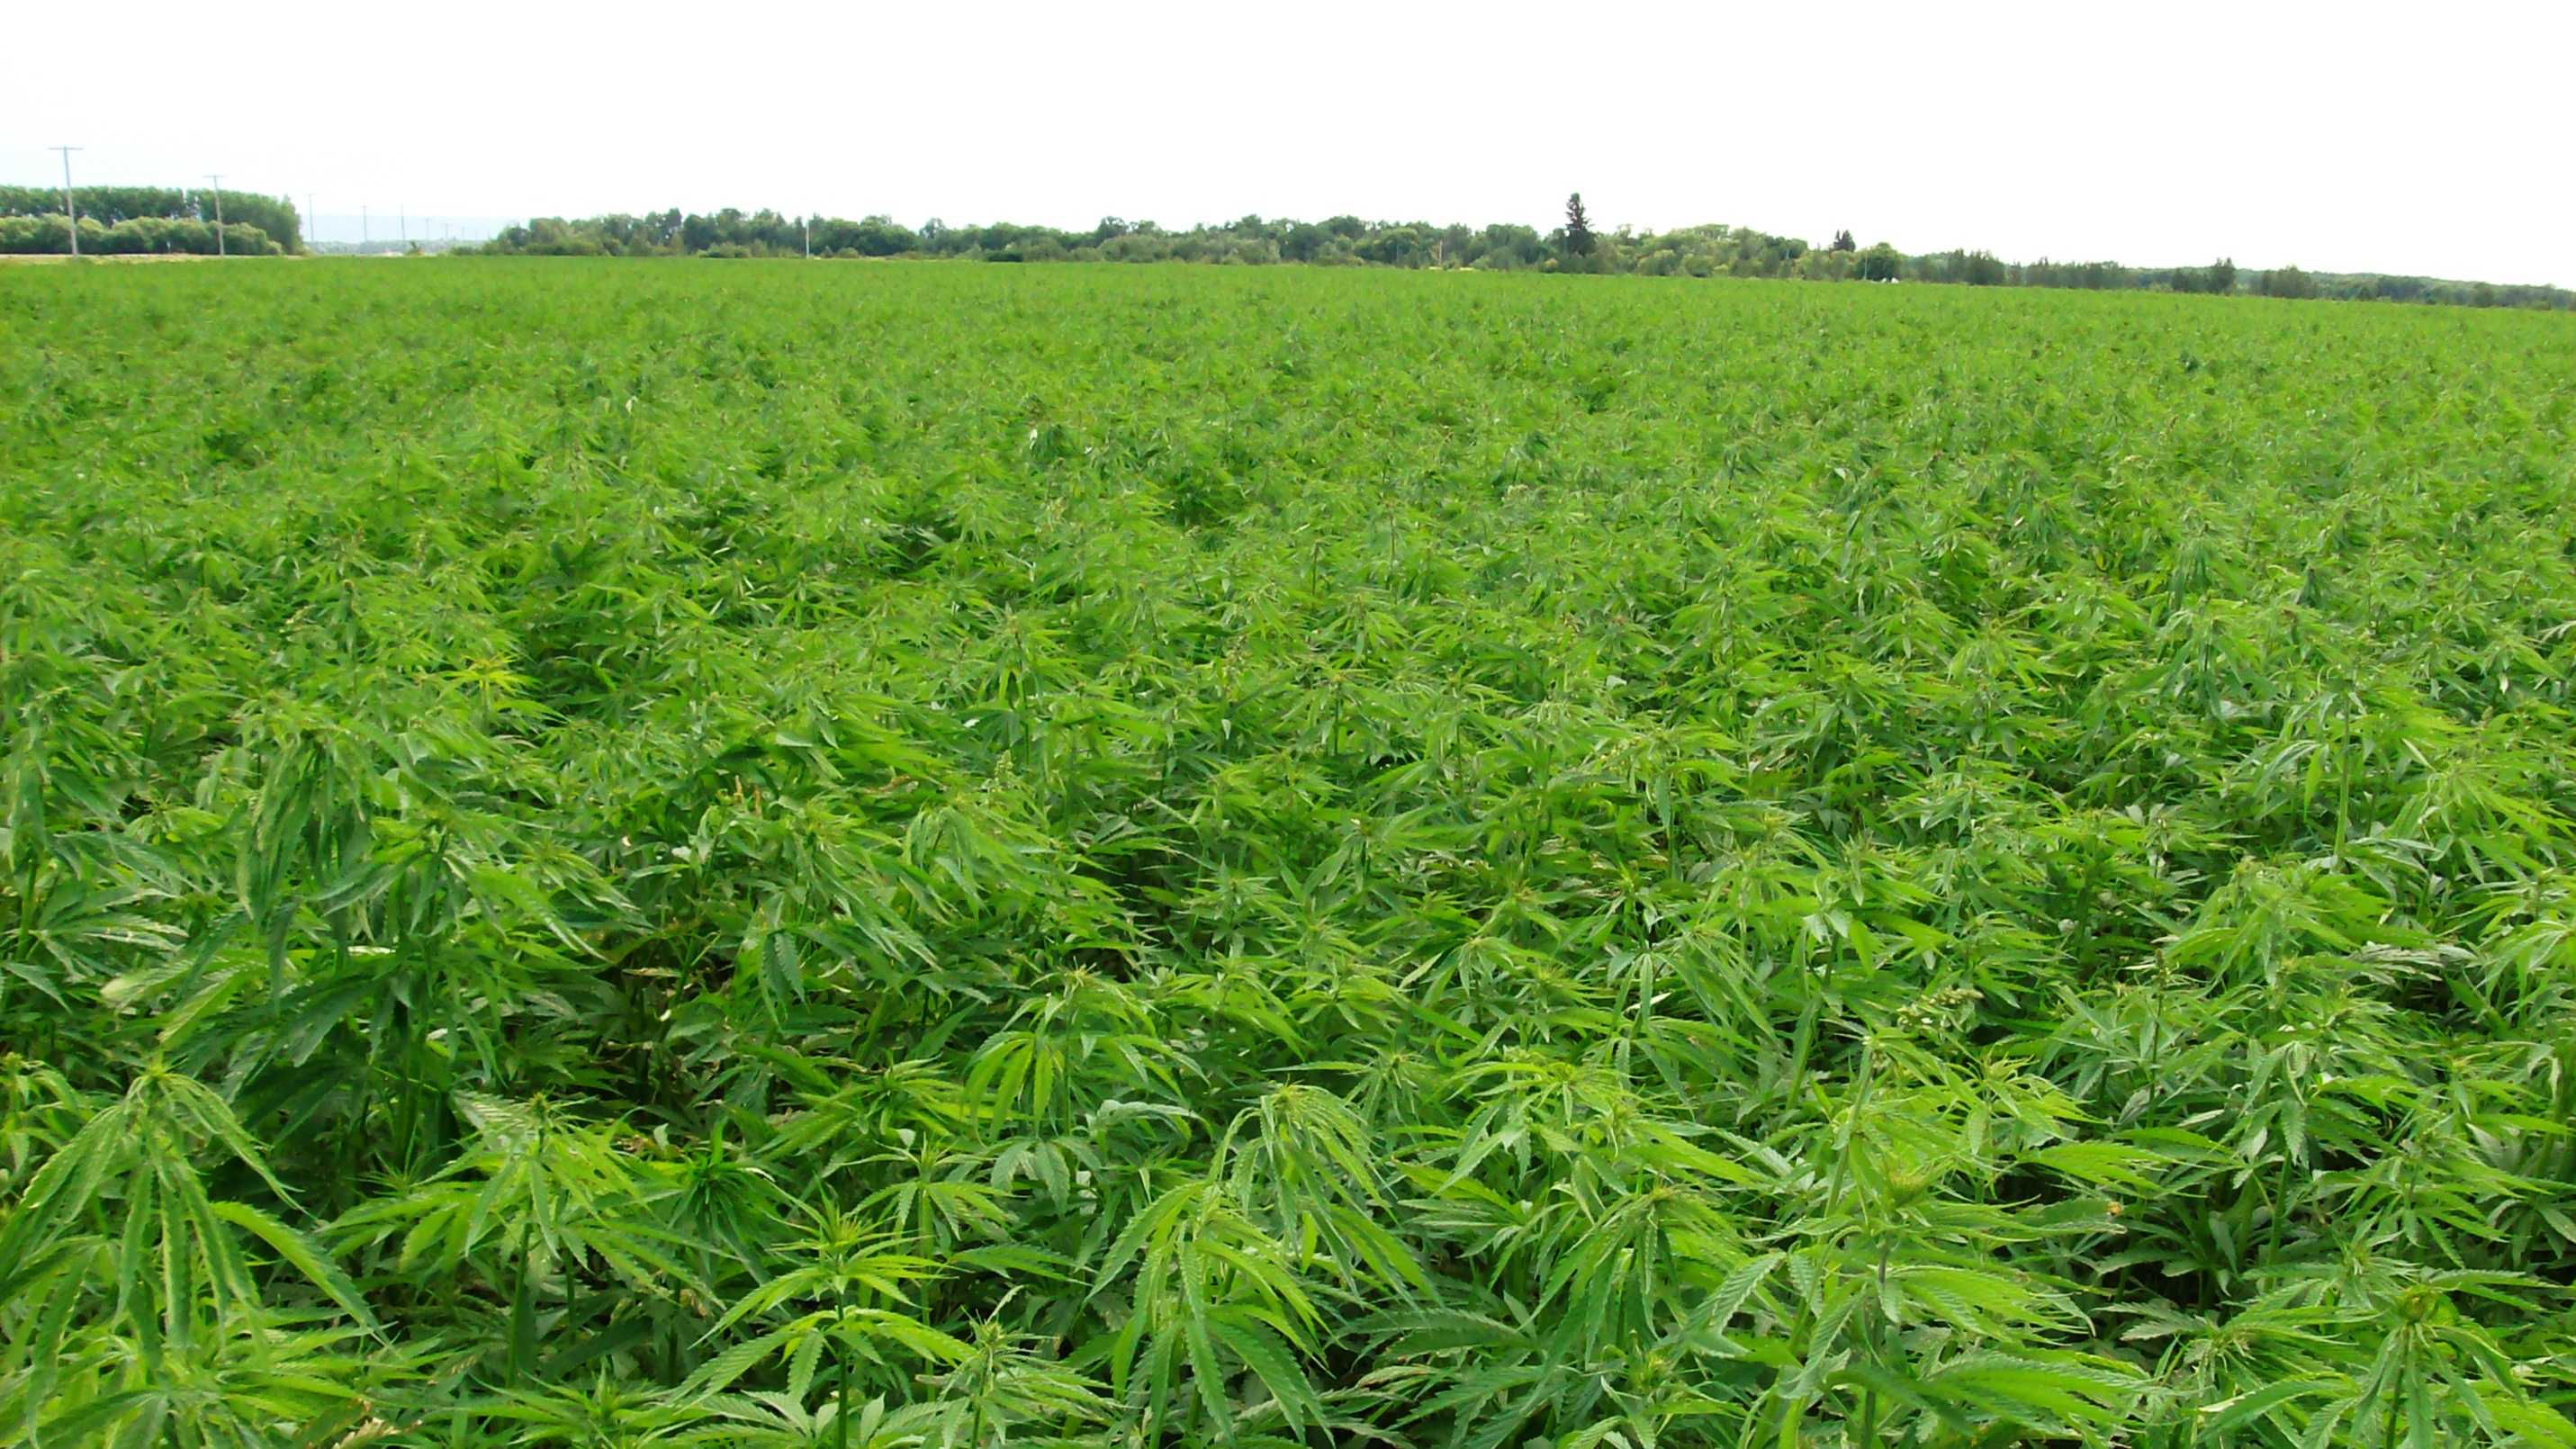 A hemp field in Kentucky is seen.